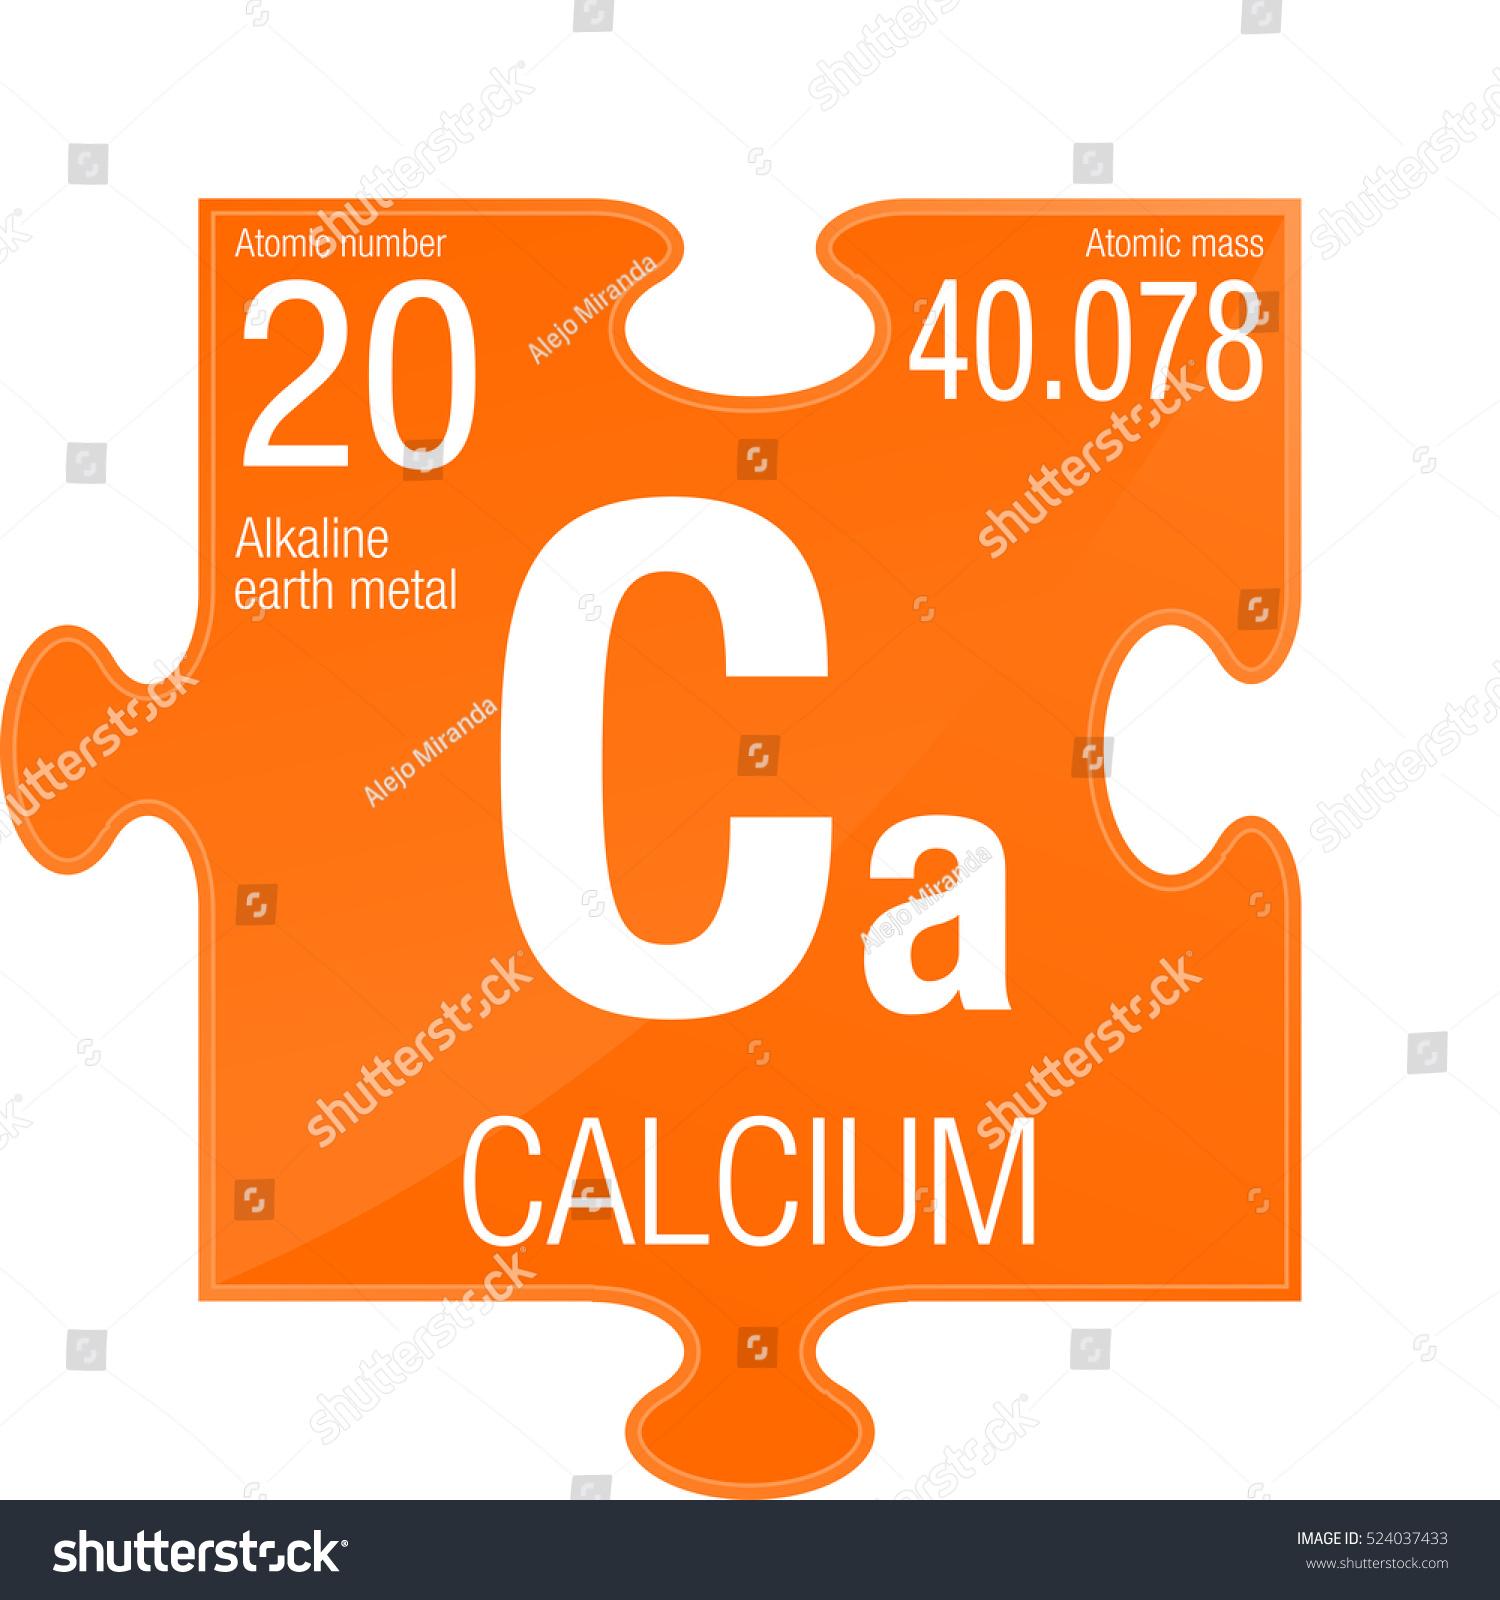 calcium element symbol